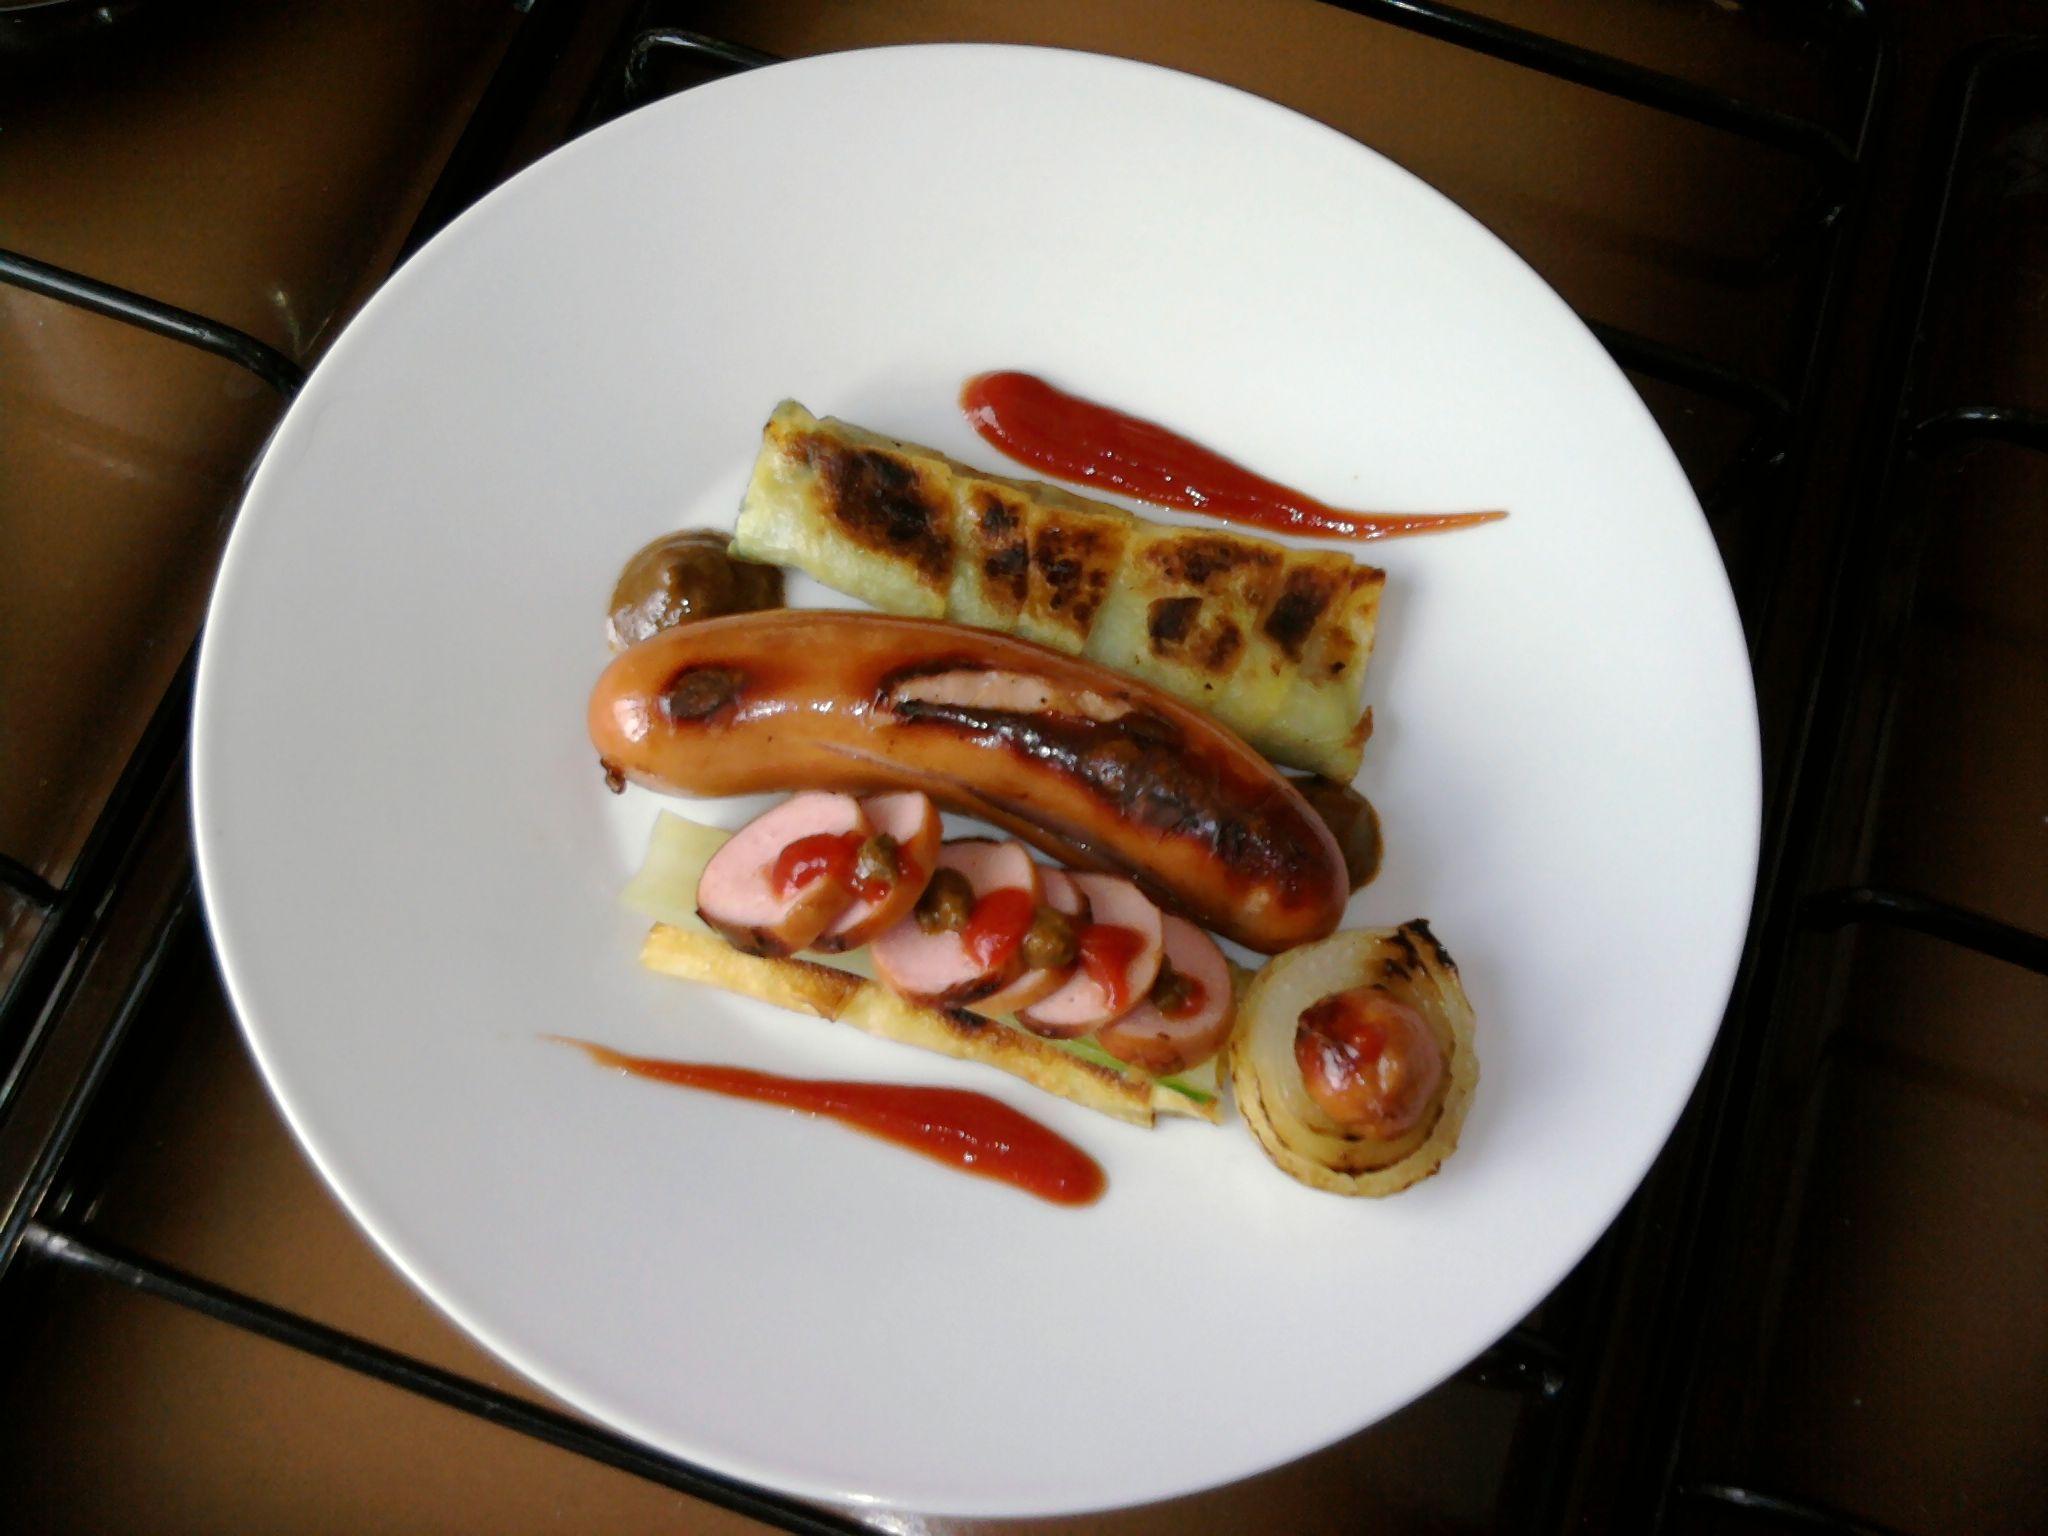 JHS  / Allemagne, la saucisse et l'oignon cannoli pomme de terre de bette nous verts et sauce parmesan tomate et ketchup olive tapenade Gino D'Aquino